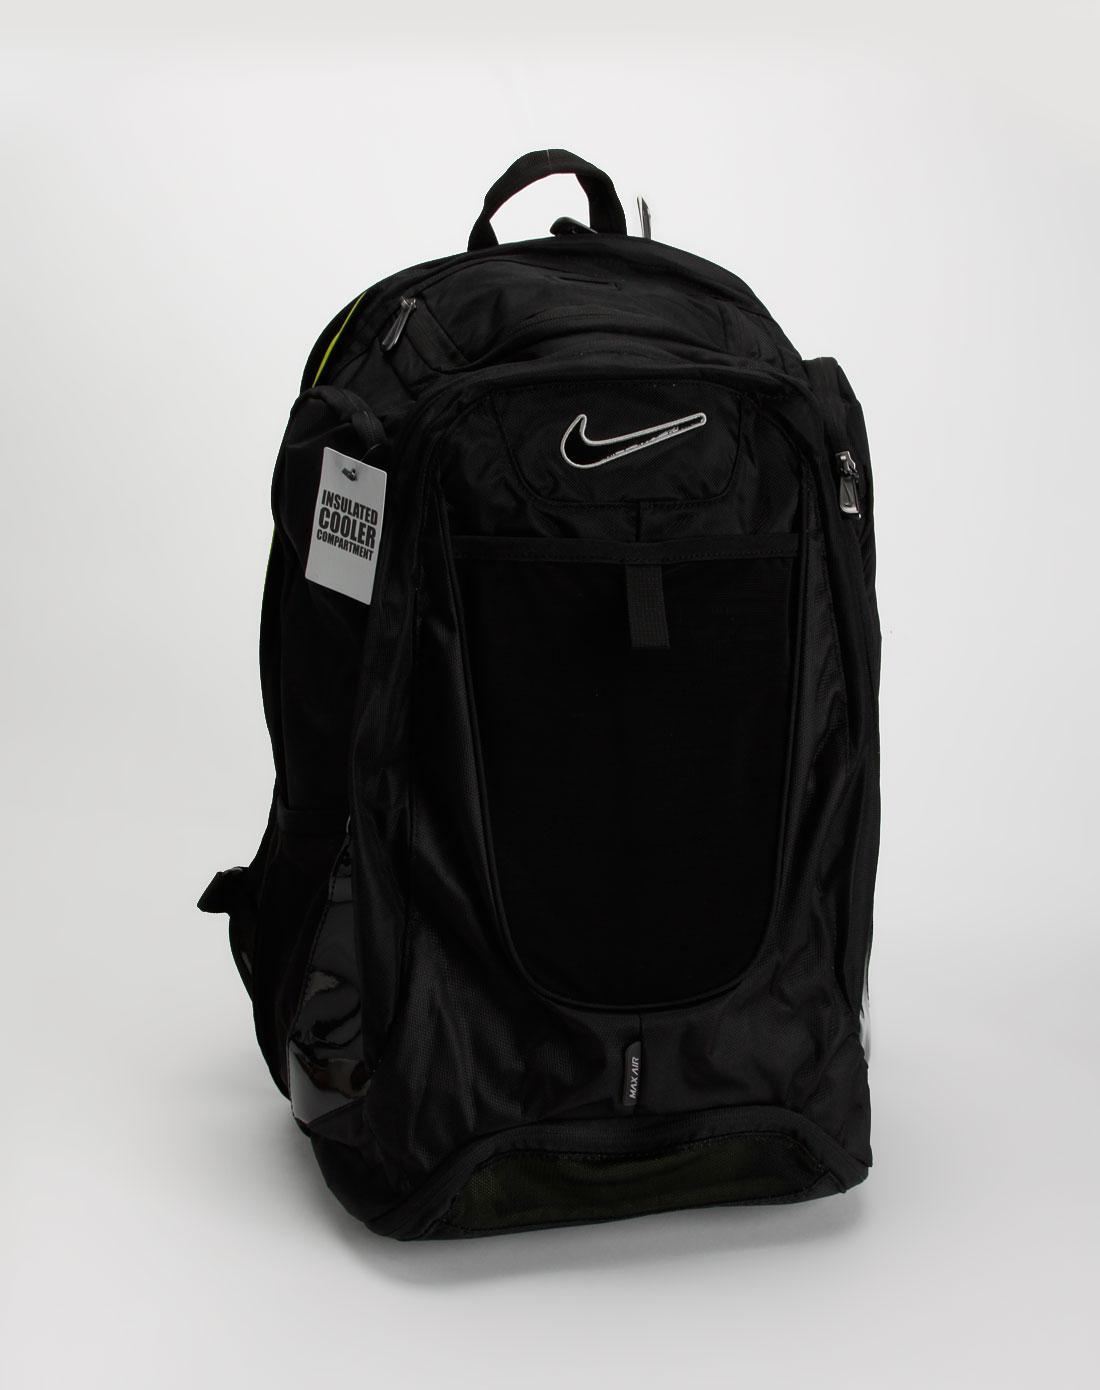 耐克nike-包包团队精英黑色背包3